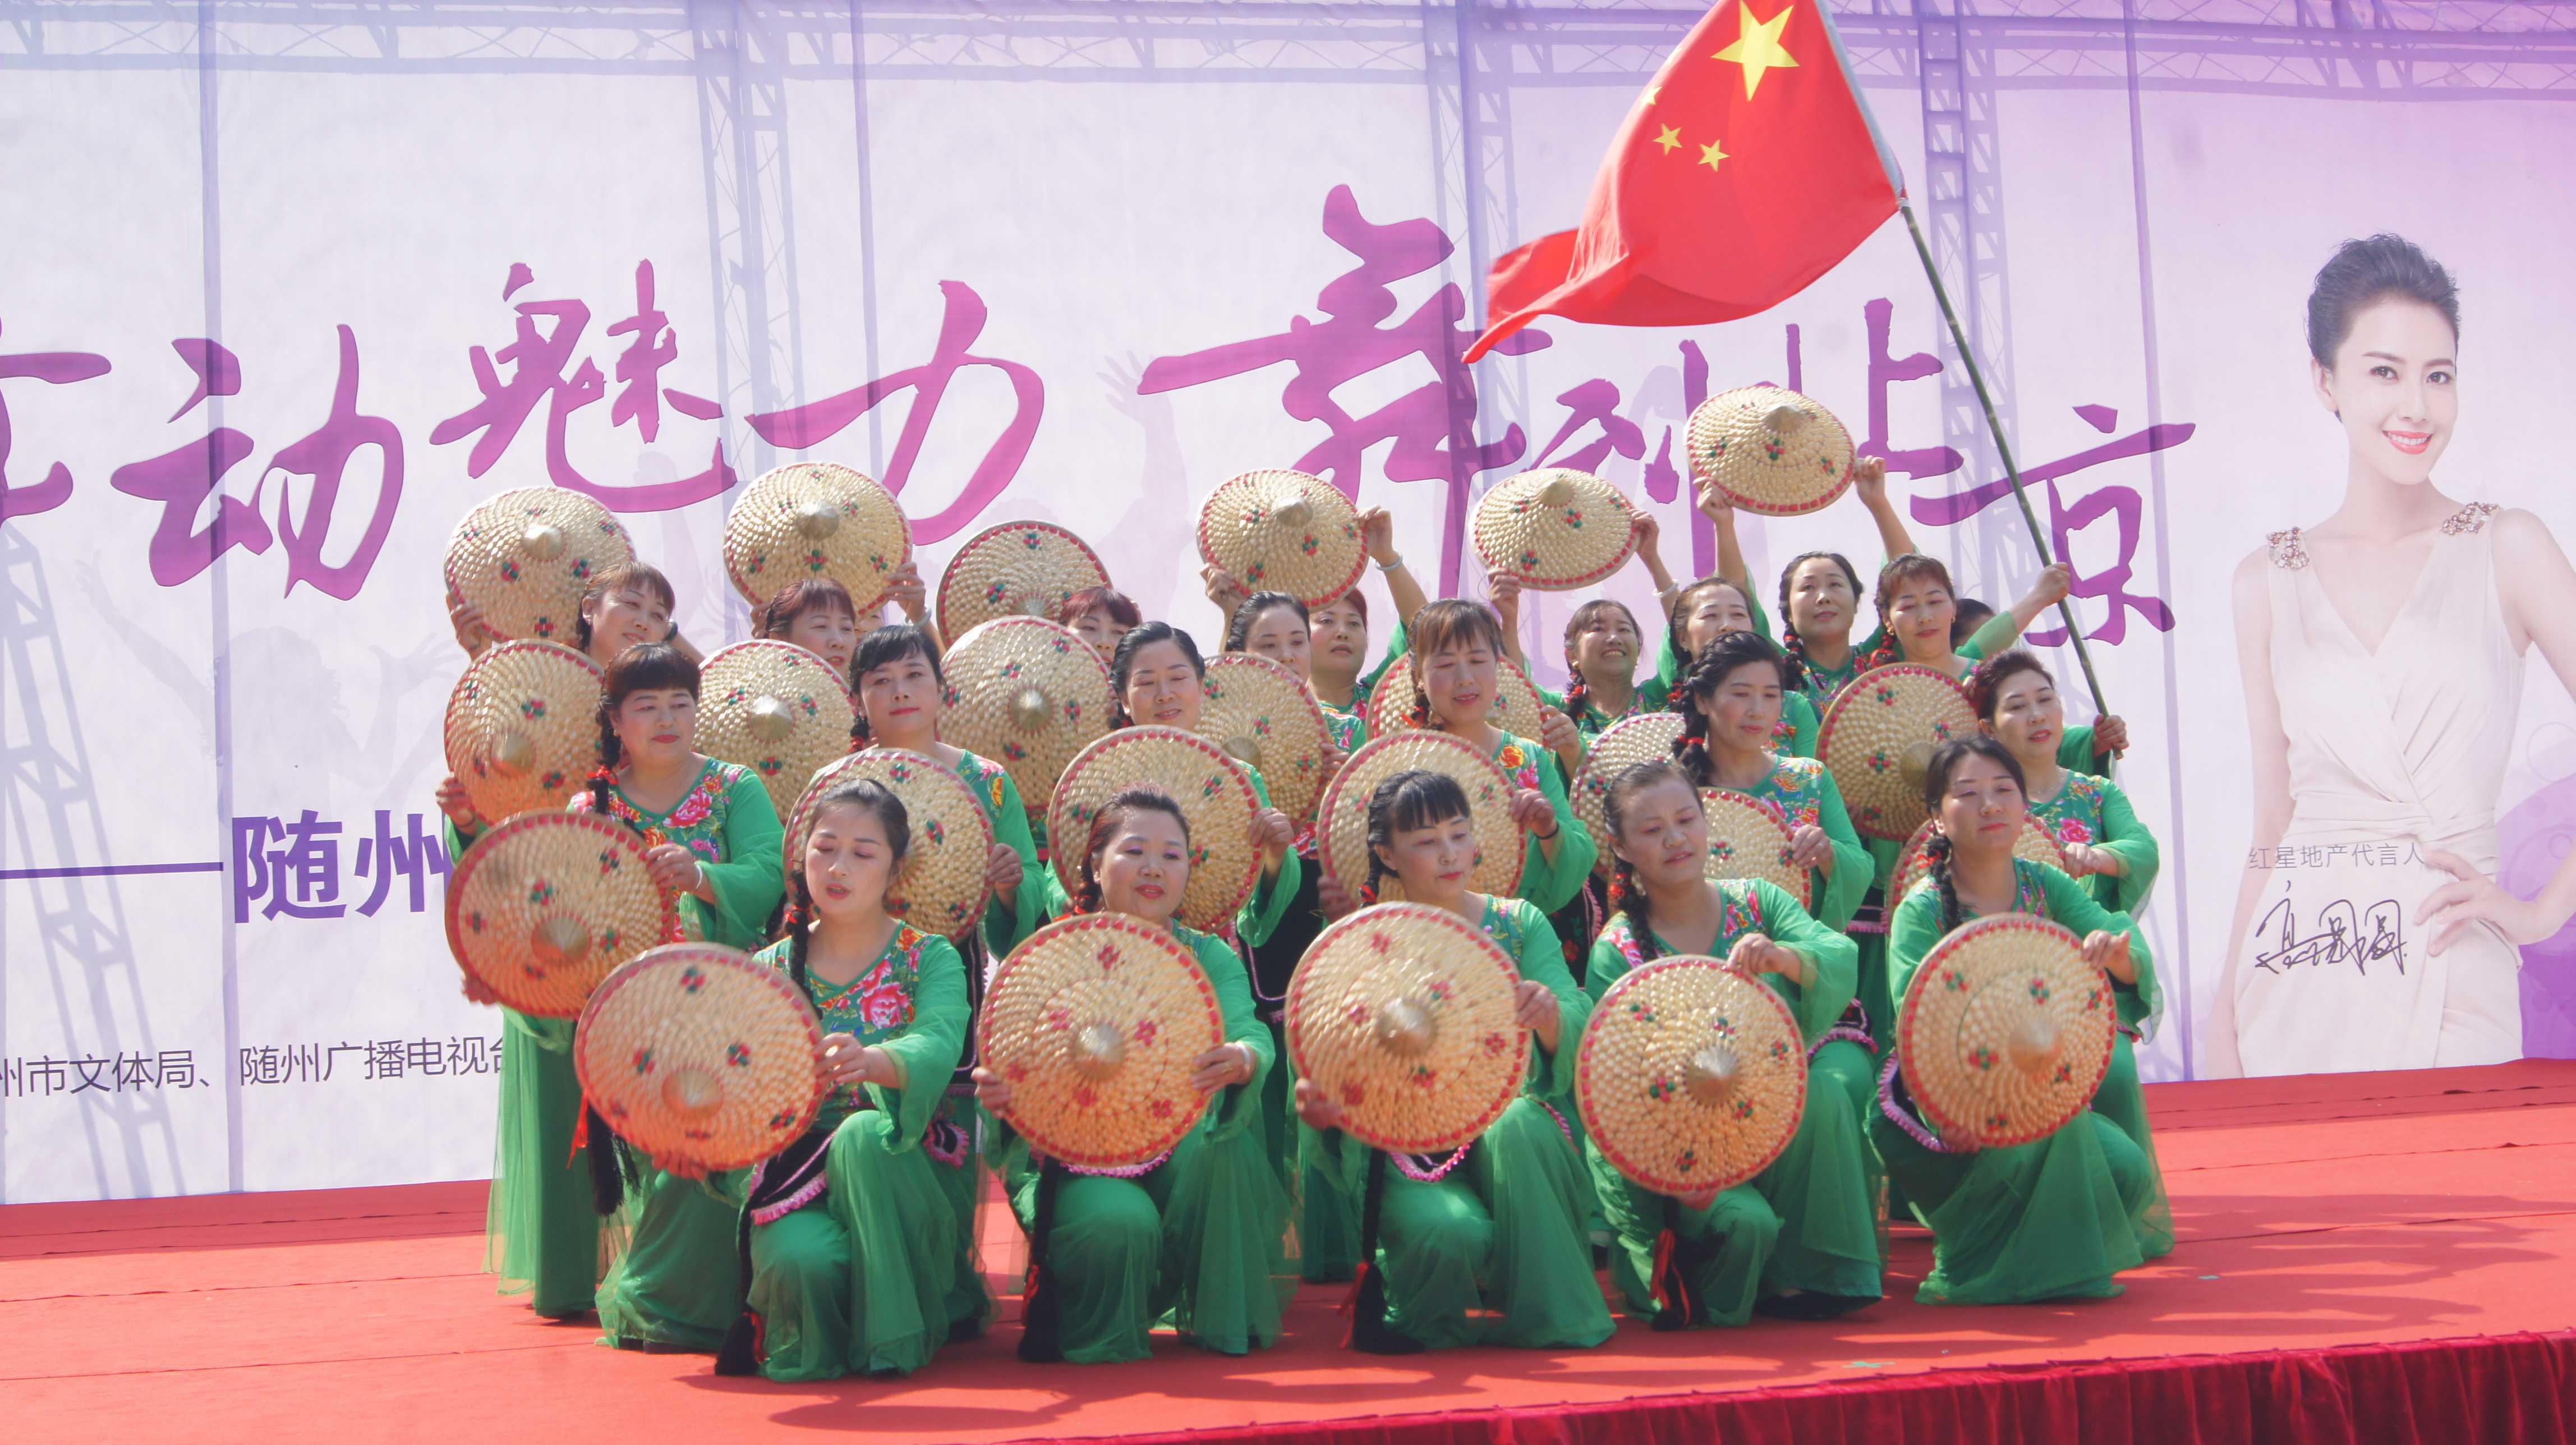 高新区卢家坡小区舞蹈队《十送红军》